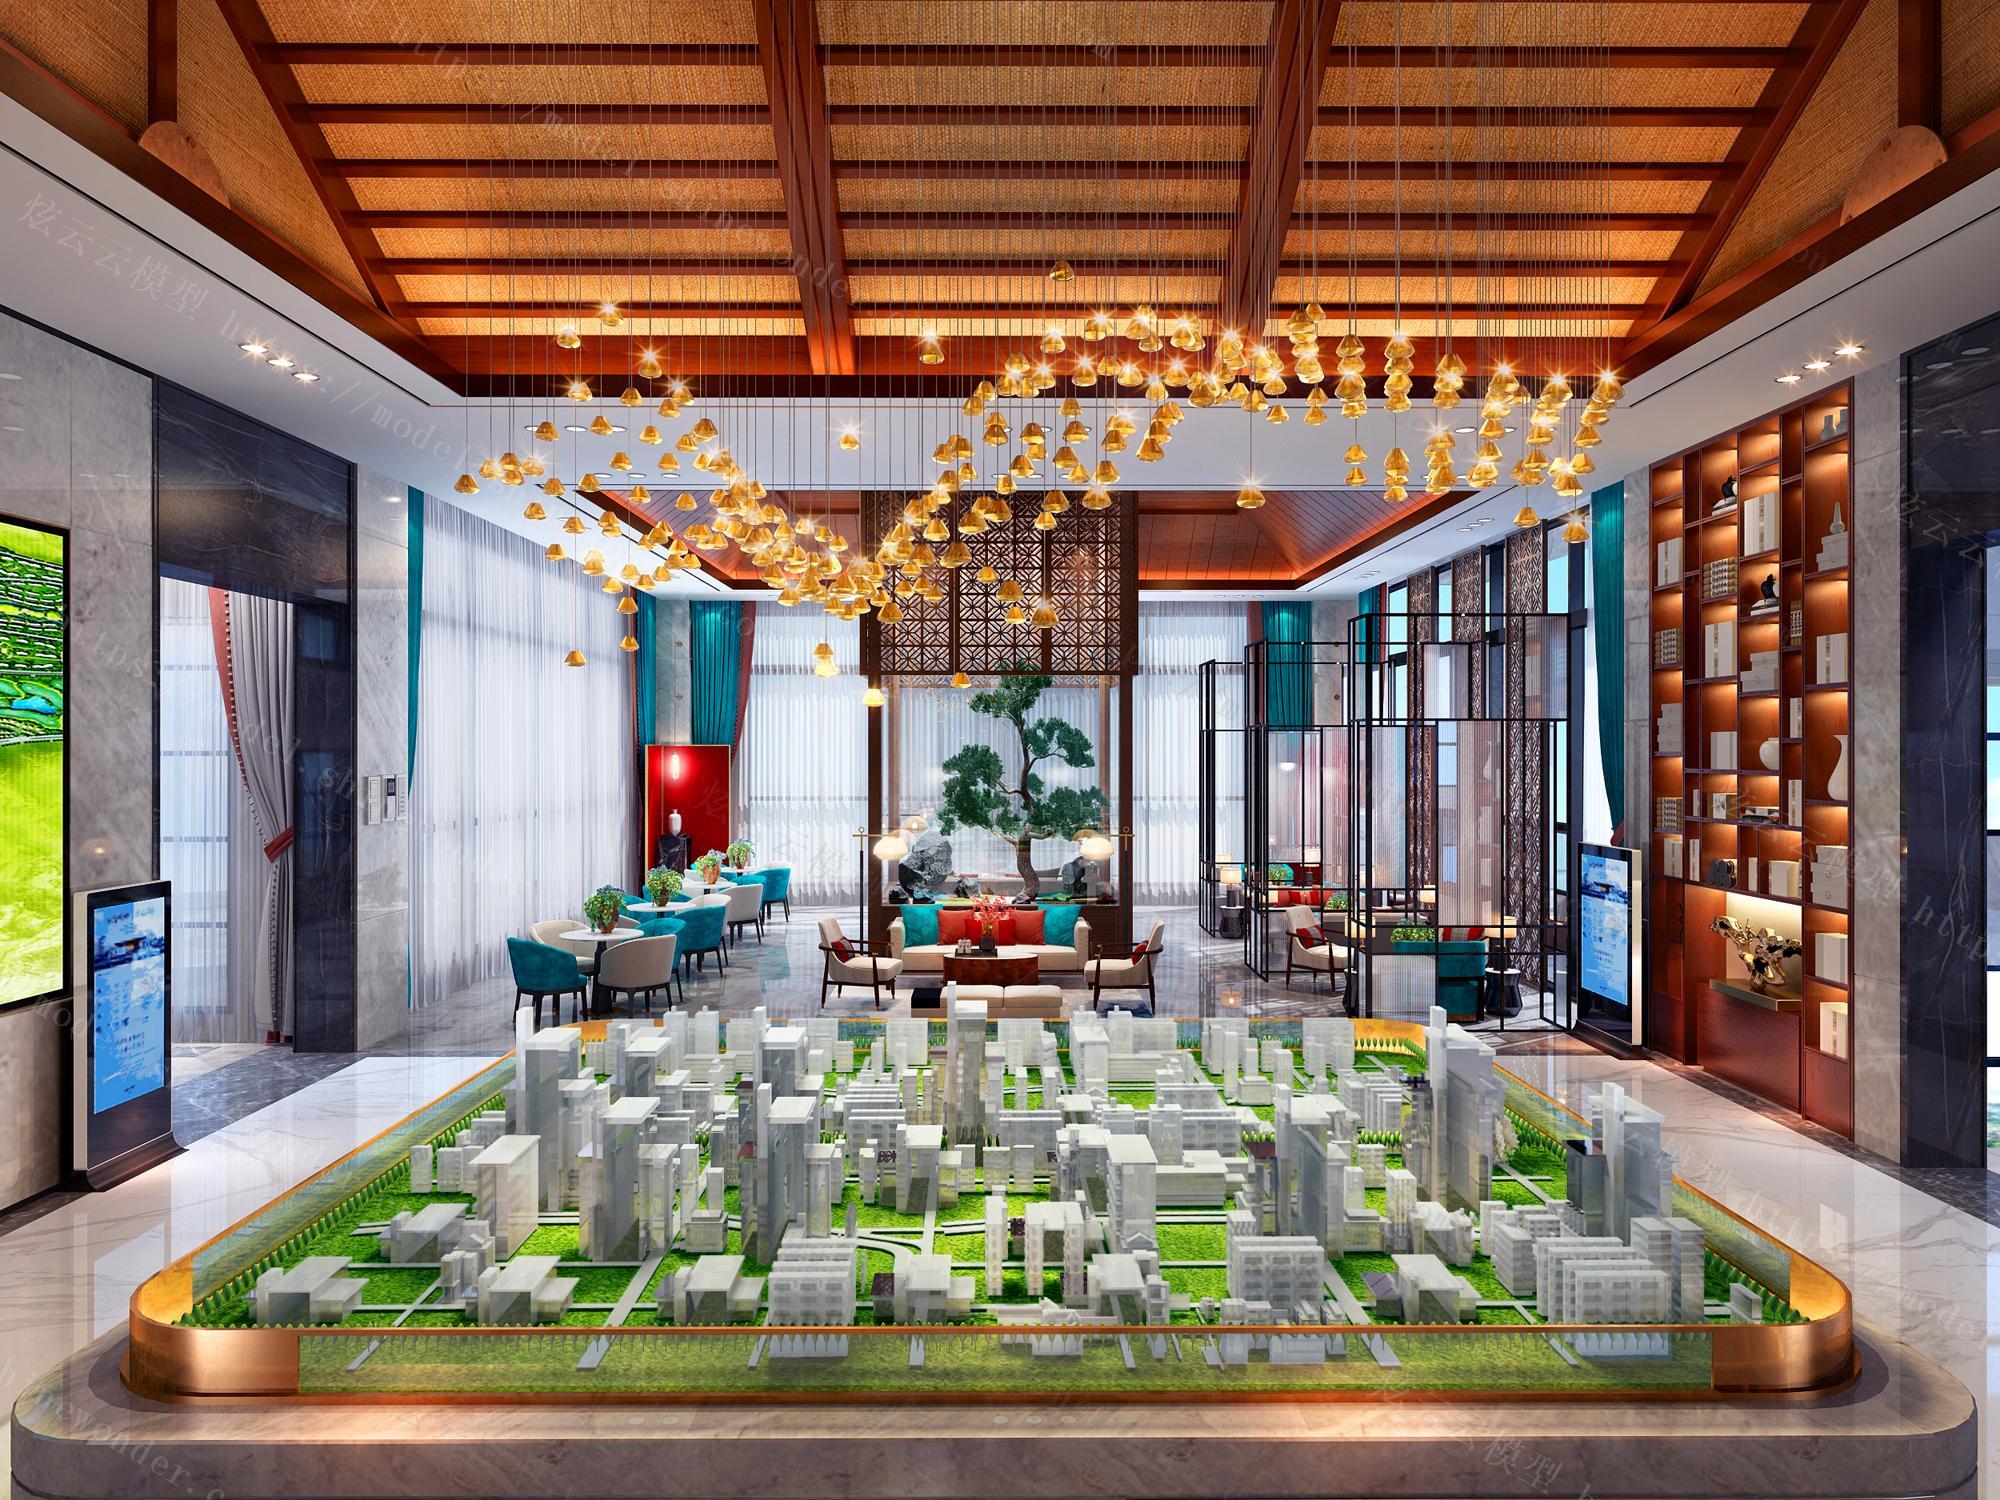 现代新中式售楼处接待大厅模型